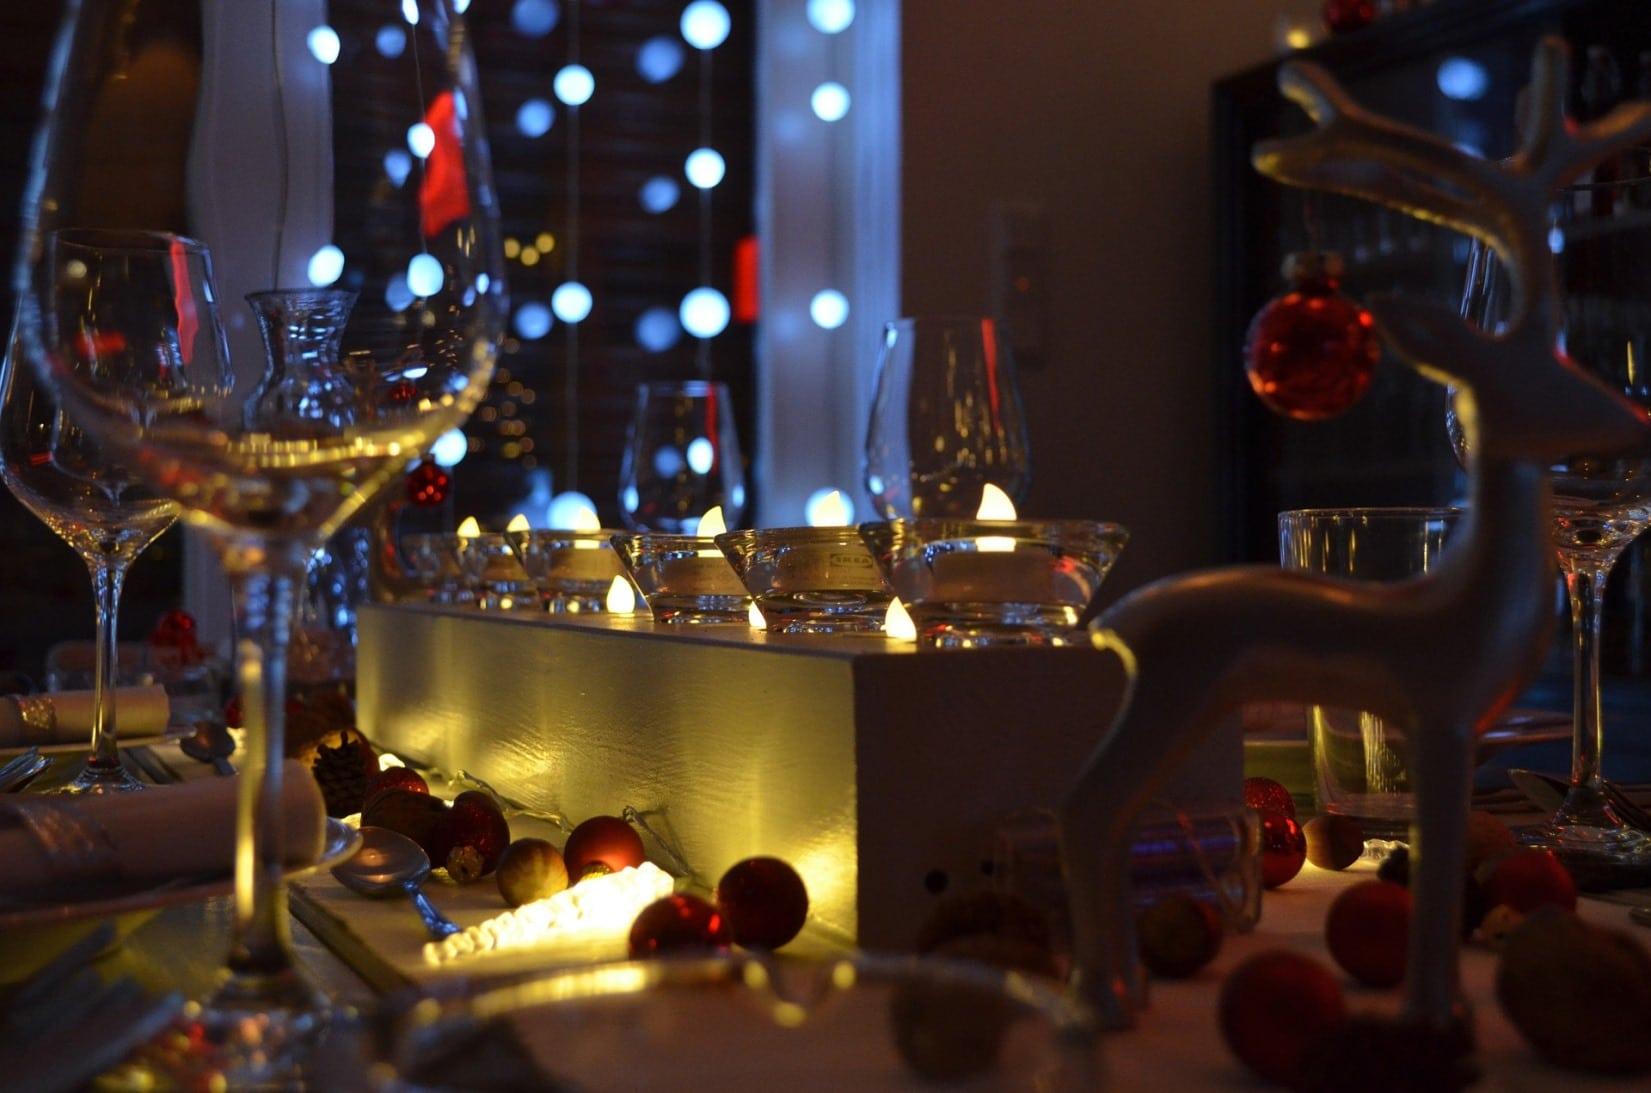 Weihnachtsfeier steuerfrei genießen